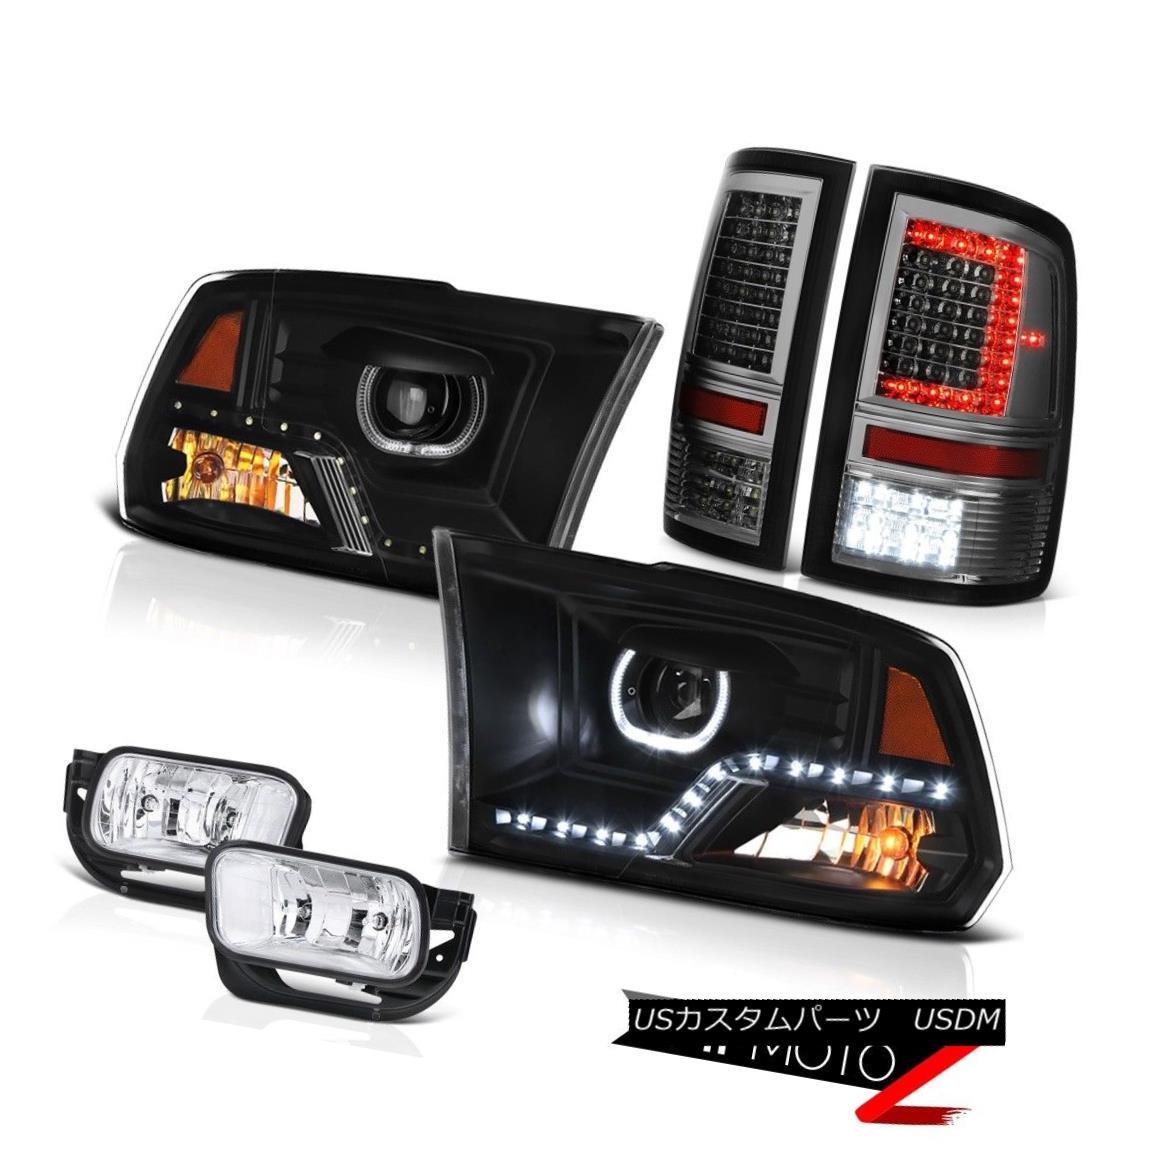 ヘッドライト 2010-2013 Dodge RAM 1500 Smokey Tail Lamps DRL Headlamps Driving Assembly PAIR 2010-2013ダッジRAM 1500スモーキーテールランプDRLヘッドランプドライビングアセンブリペア